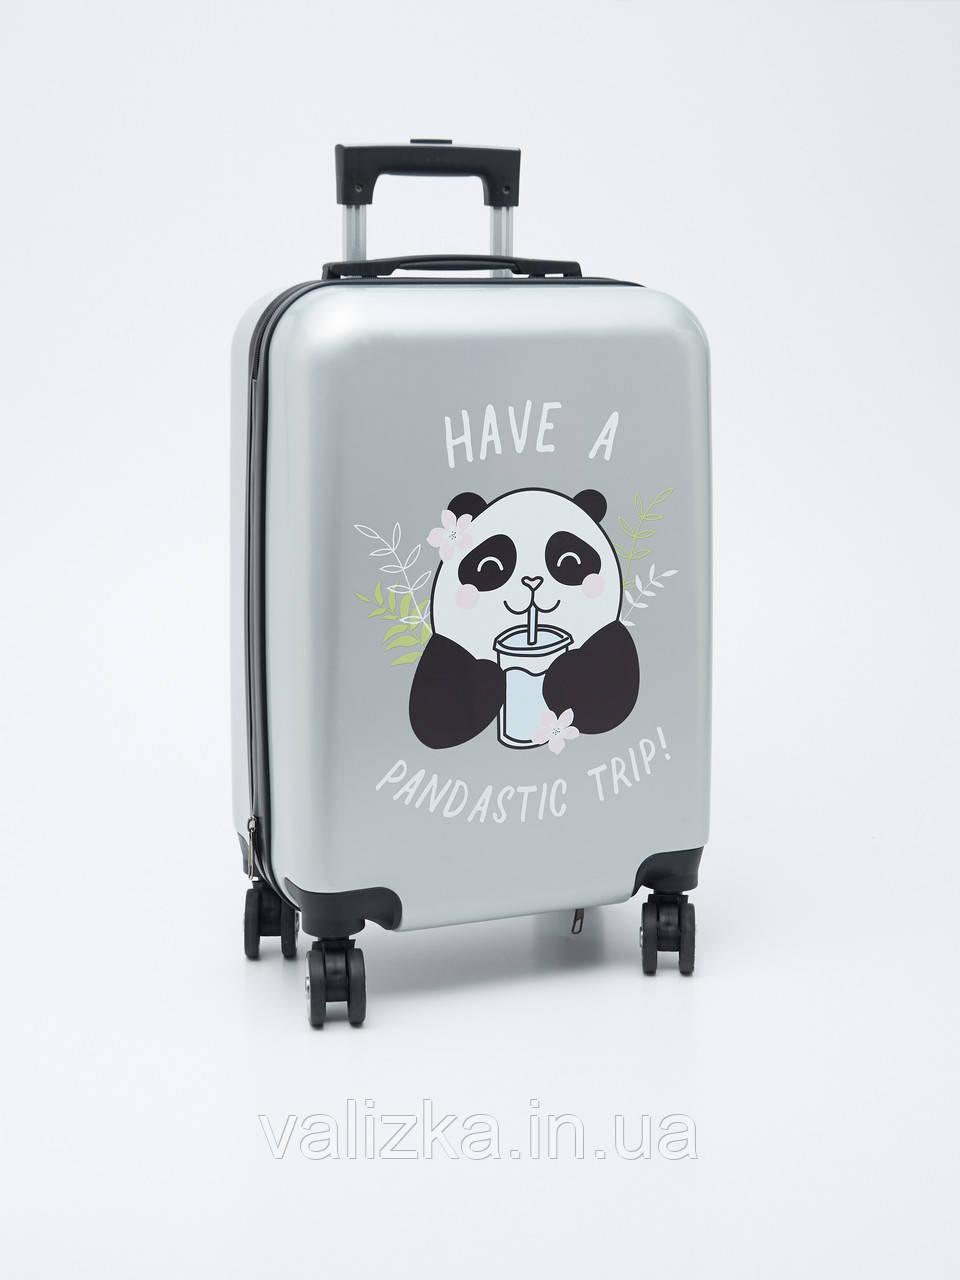 Детский пластиковый чемодан для девочки с пандой